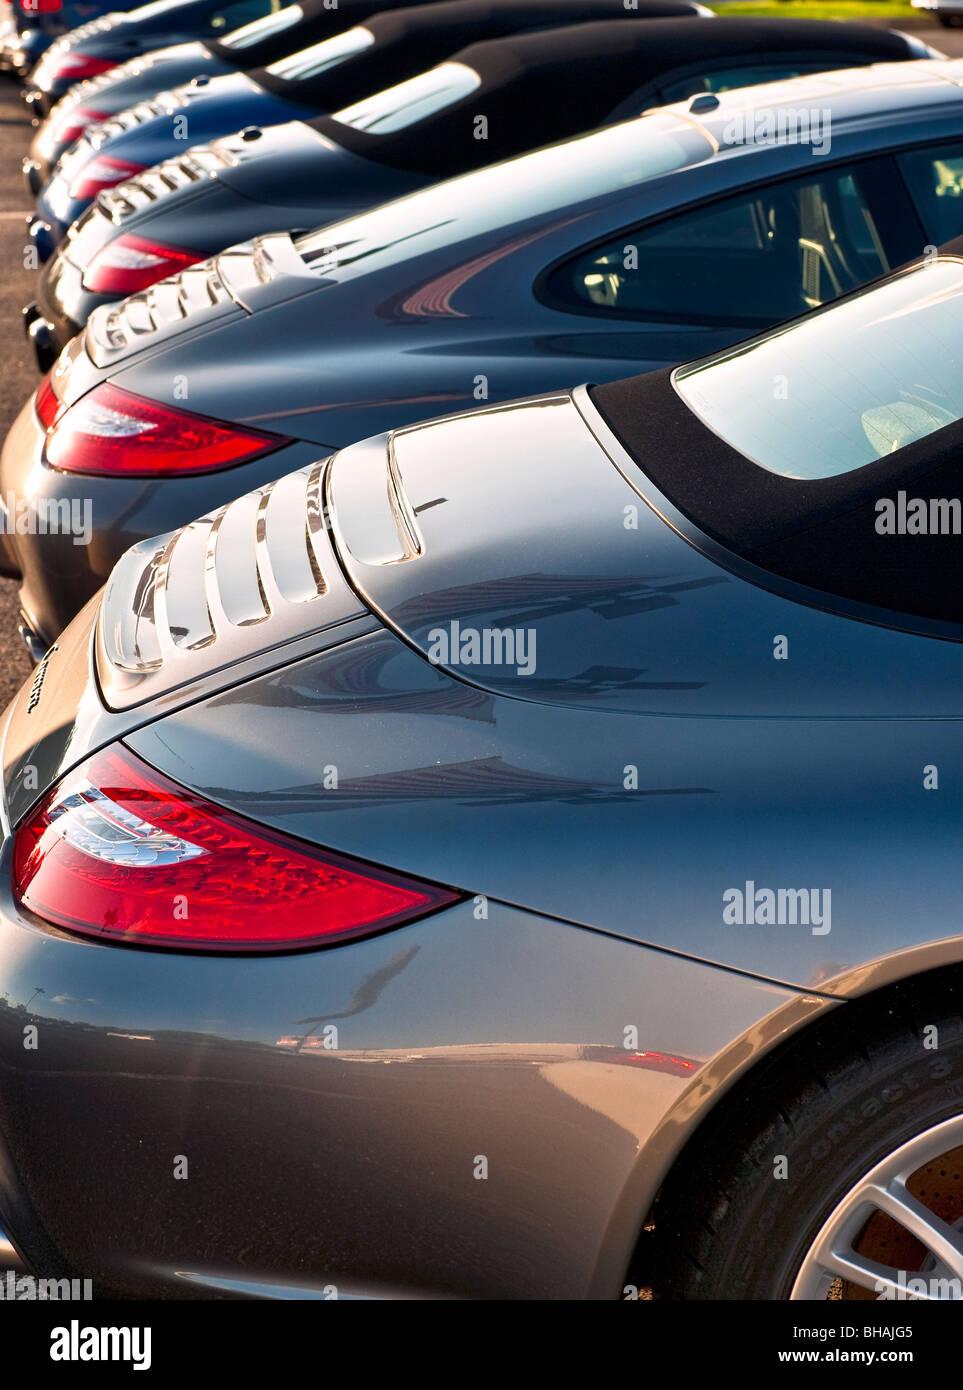 Porsche Carrera dettaglio. Immagini Stock